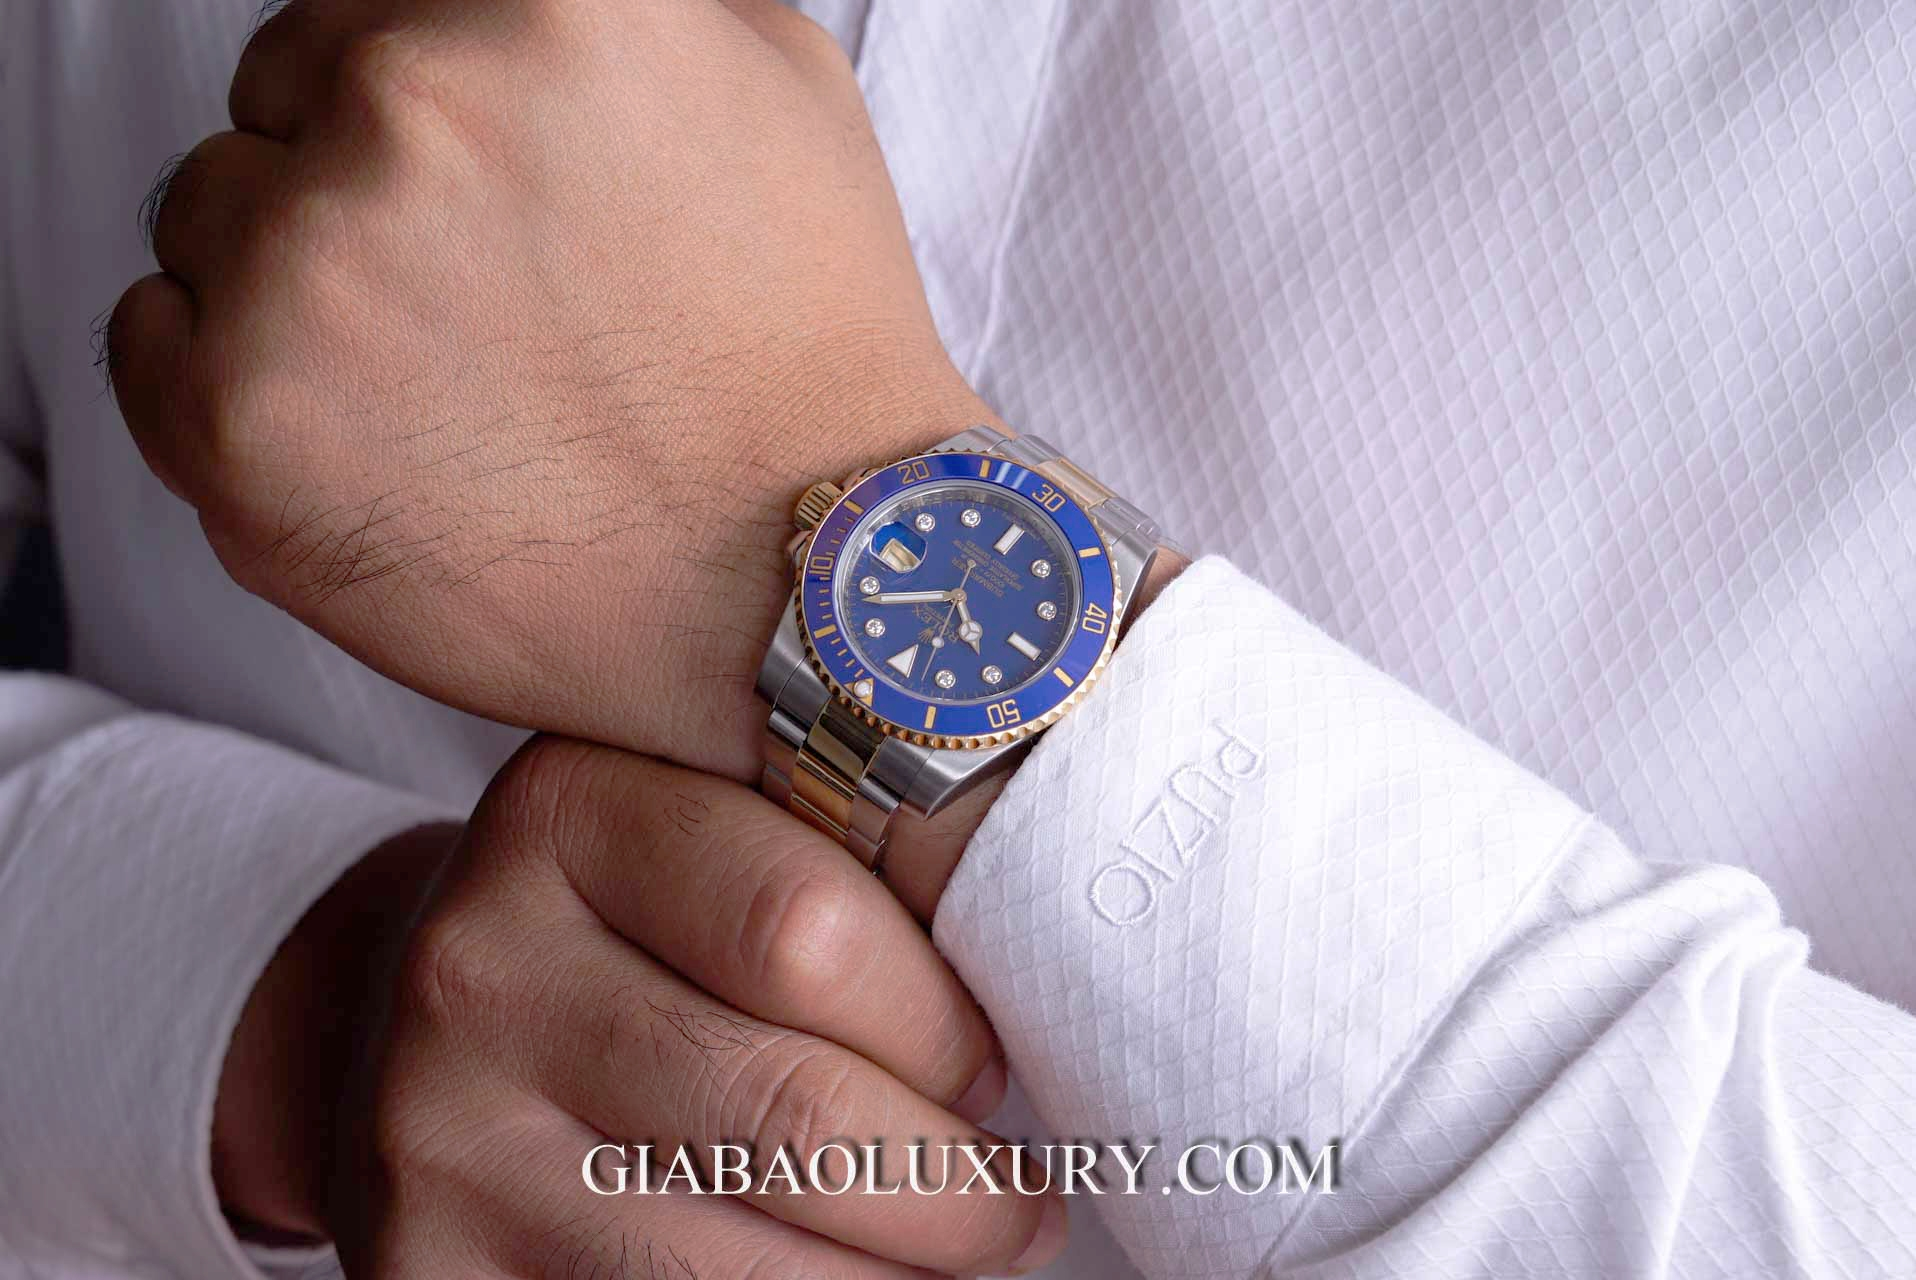 Đồng hồ Rolex Submariner Date 116613 Cọc Số Kim Cương (siêu hiếm)